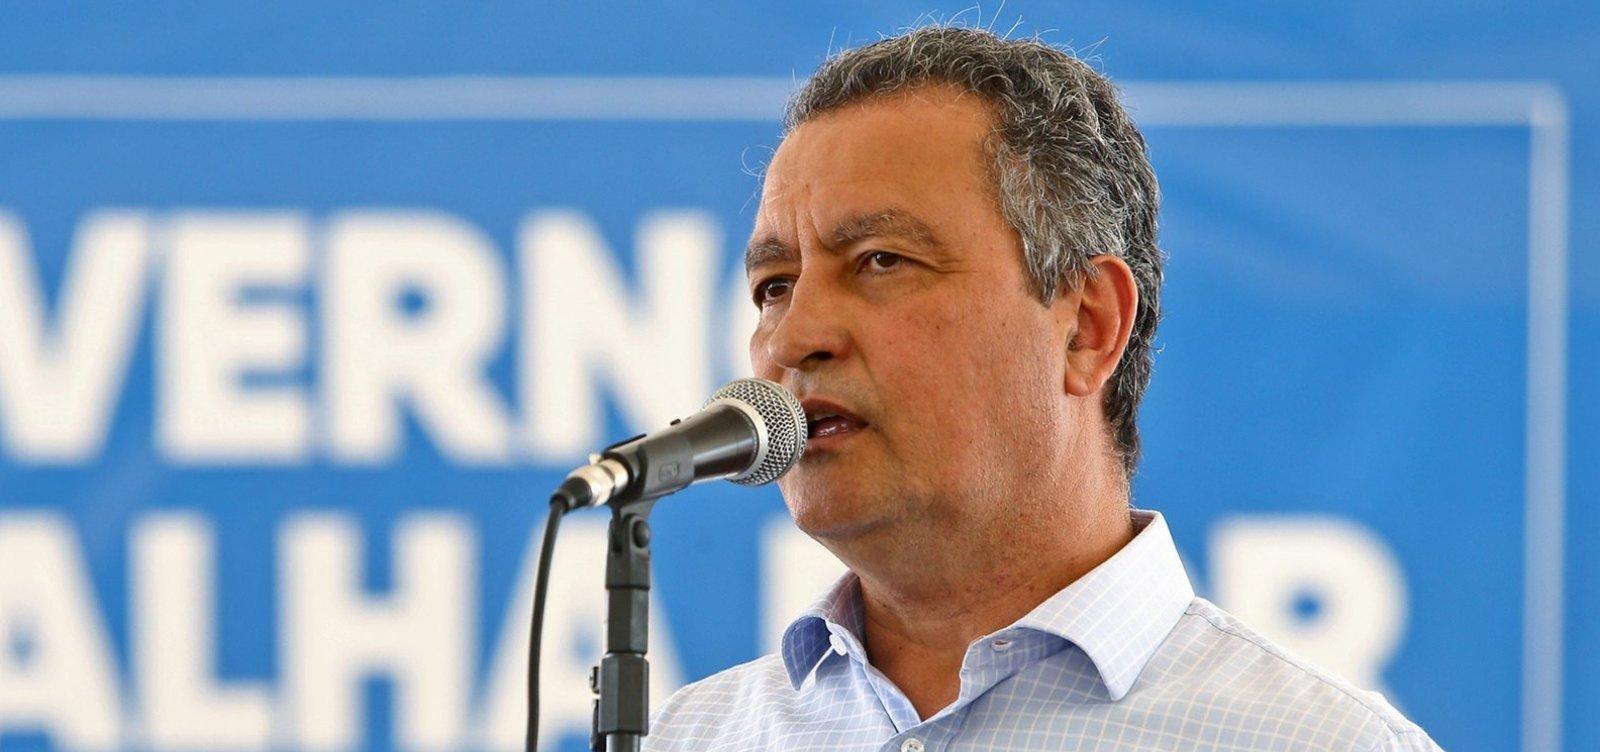 [Coronavírus: Sem vacina, não haverá Carnaval, diz governador da Bahia]